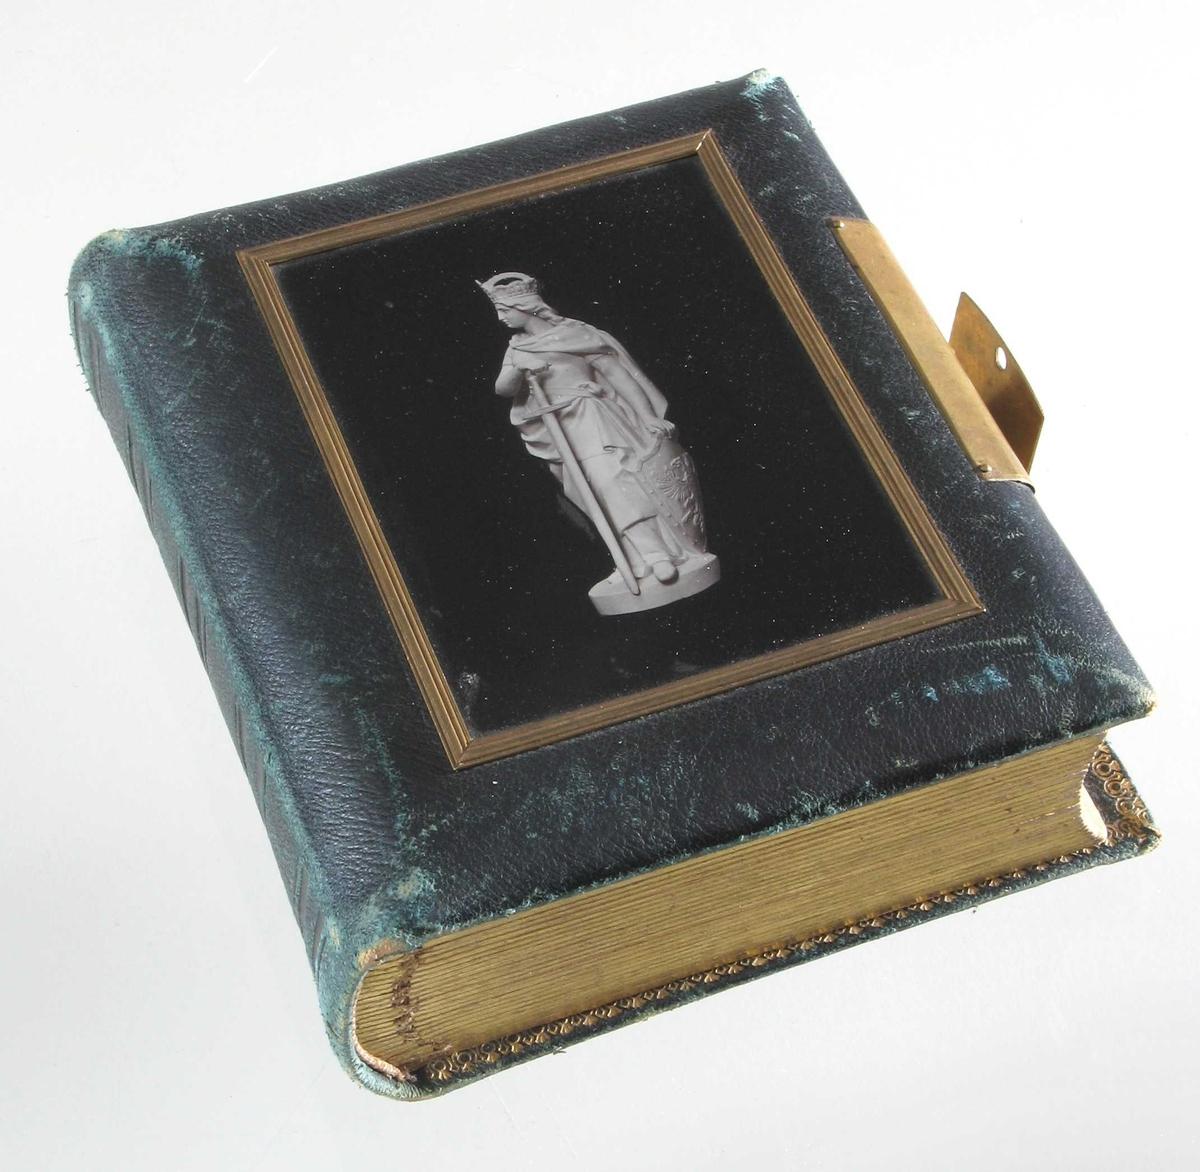 """På forsiden av permen rektanguært  glass, med et   fotografi  under av stående skulptur  mot sort bakgrunn: stående krigerinne med sverd og skjold med dobbeltørn.(antag. t  17,2 x 14,5. Tykkelse ca. 5,5  Innhold ifølge blyantnedtegning: """"   Venner fra Konstantinoplel.  """" I Se liste gjenstandsoppl."""